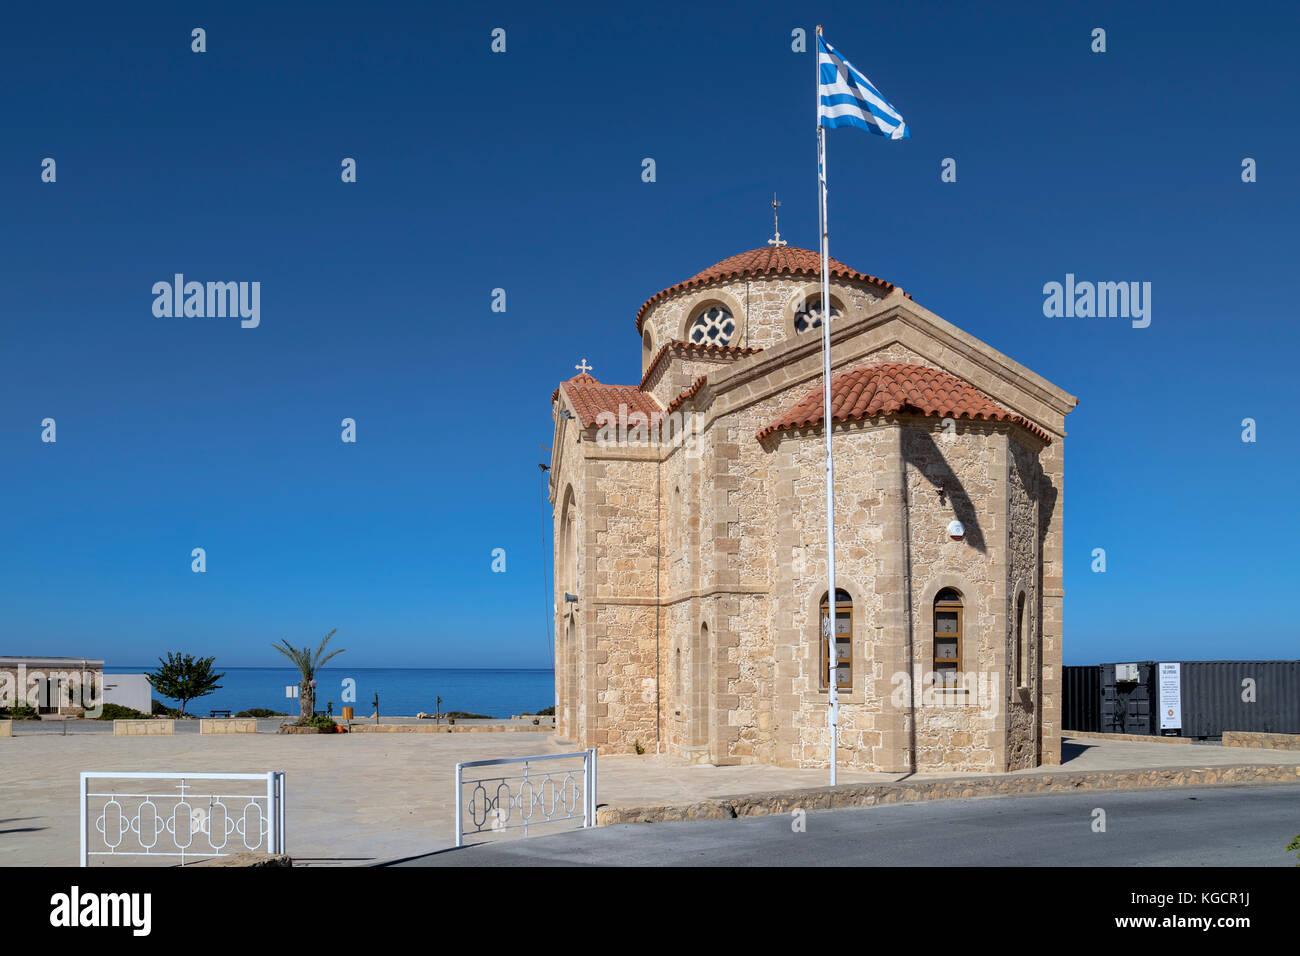 Agios Georgios, Pegeia, Paphos, Cyprus - Stock Image